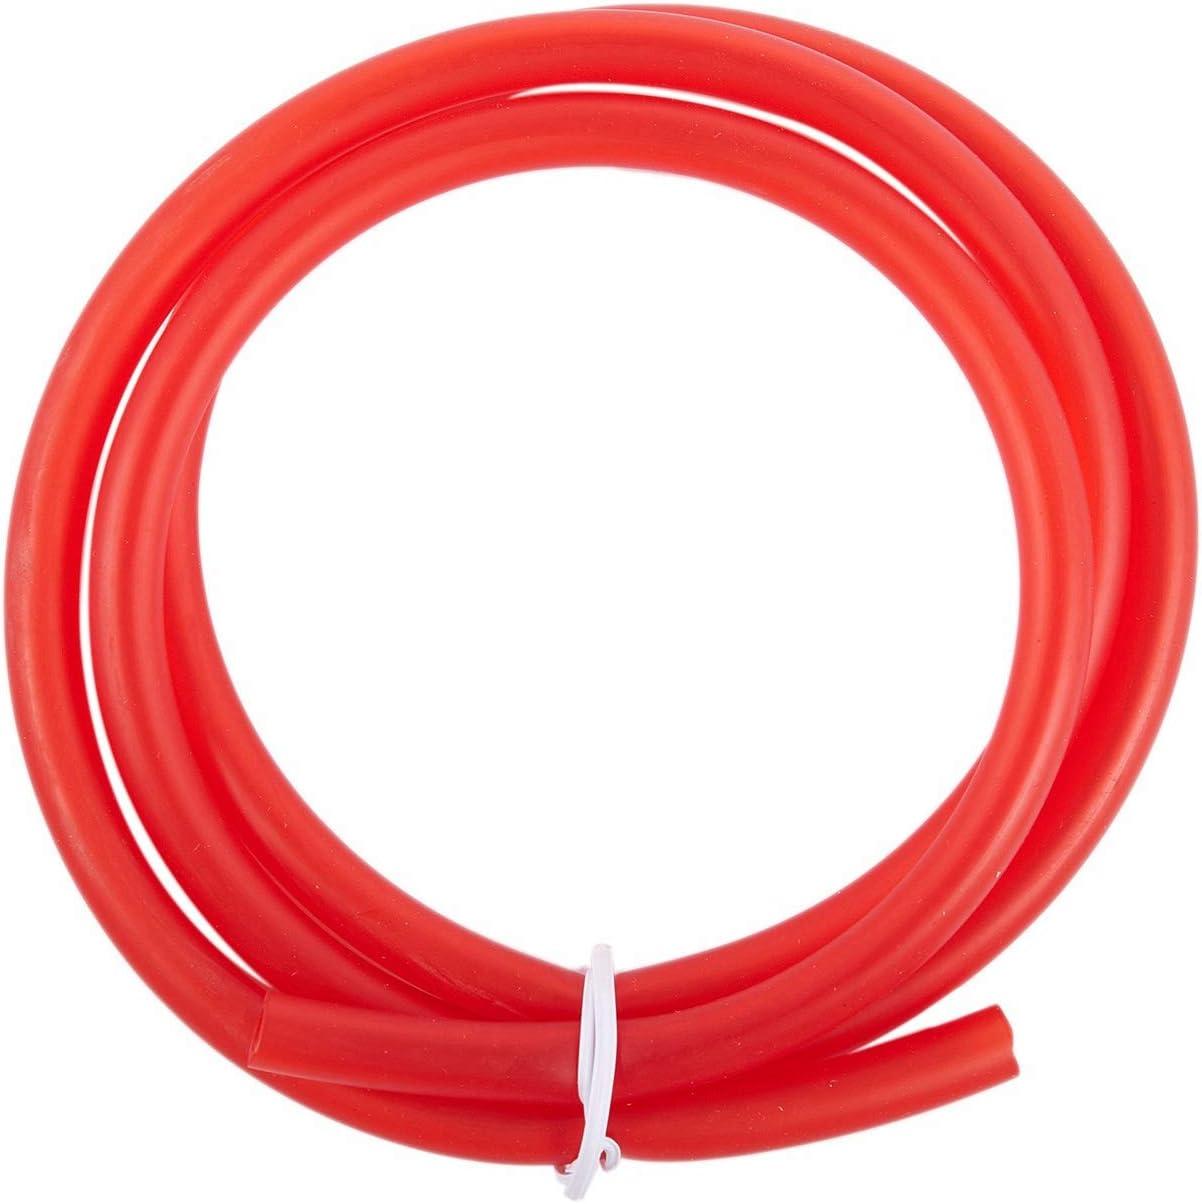 Tmand 1M Rohr Benzin Kraftstoff Gummischlauch Rot ? 5mm X 8mm